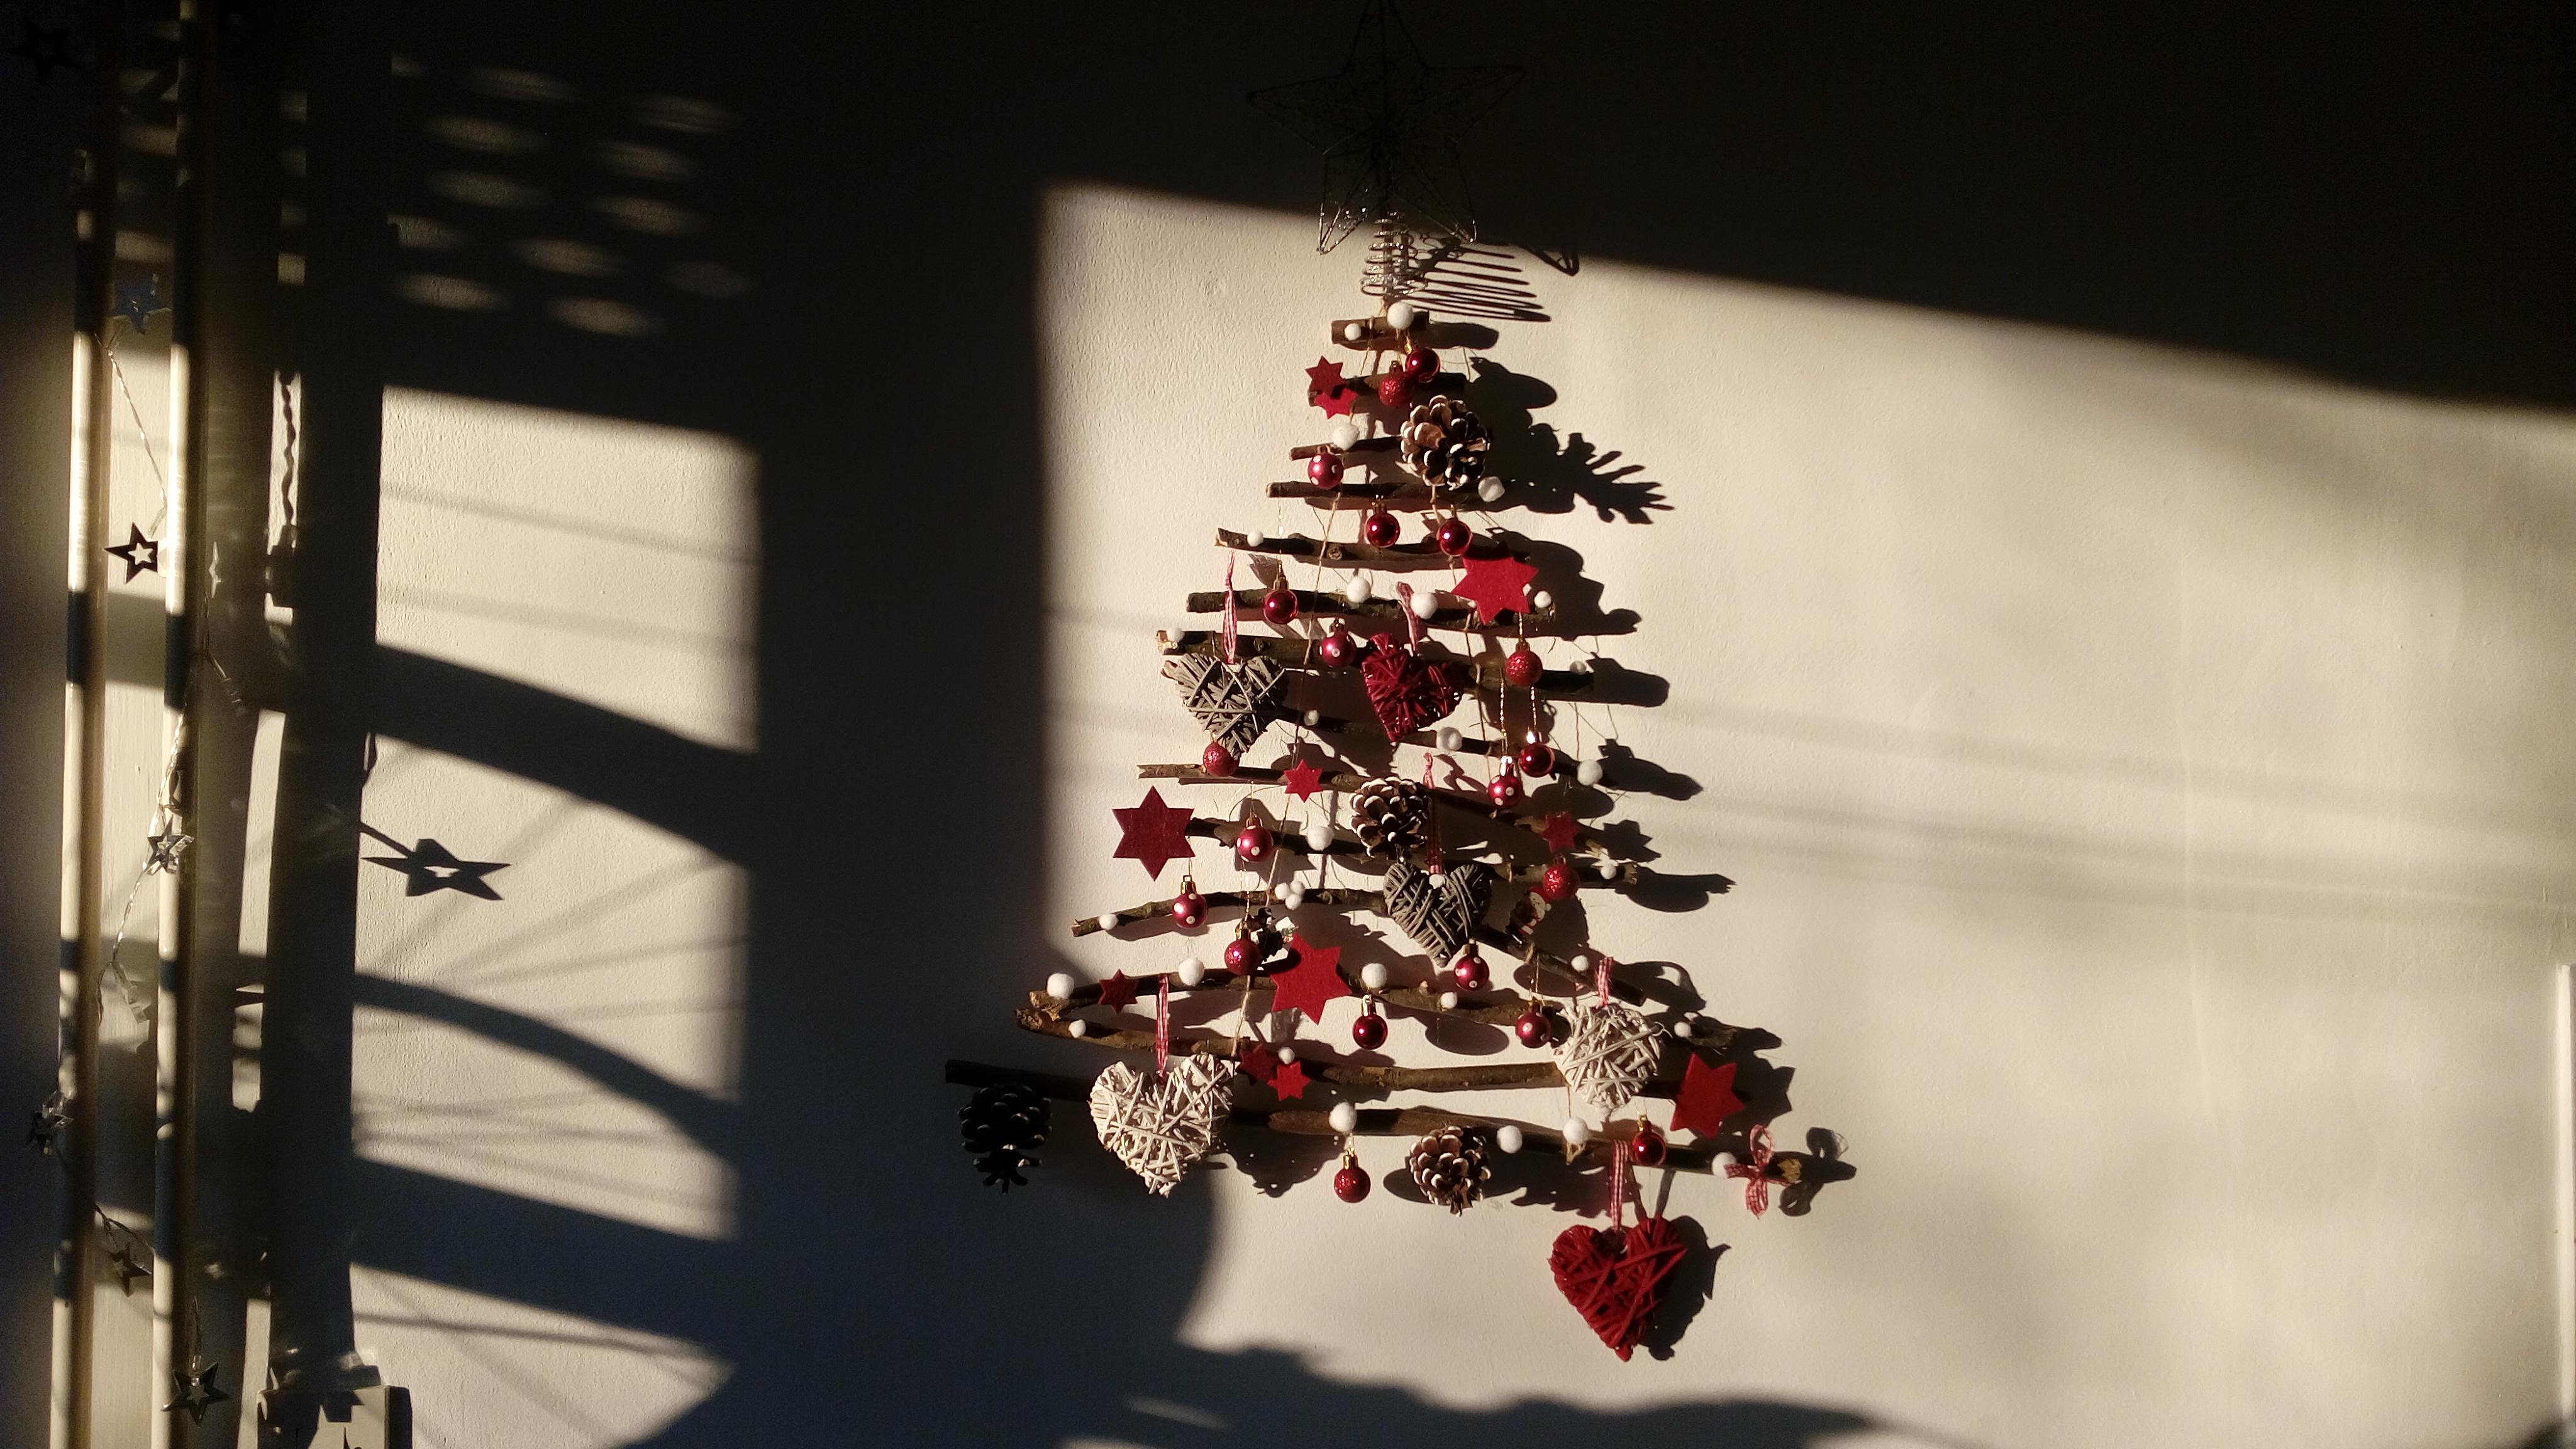 Božićno drvce na zidu